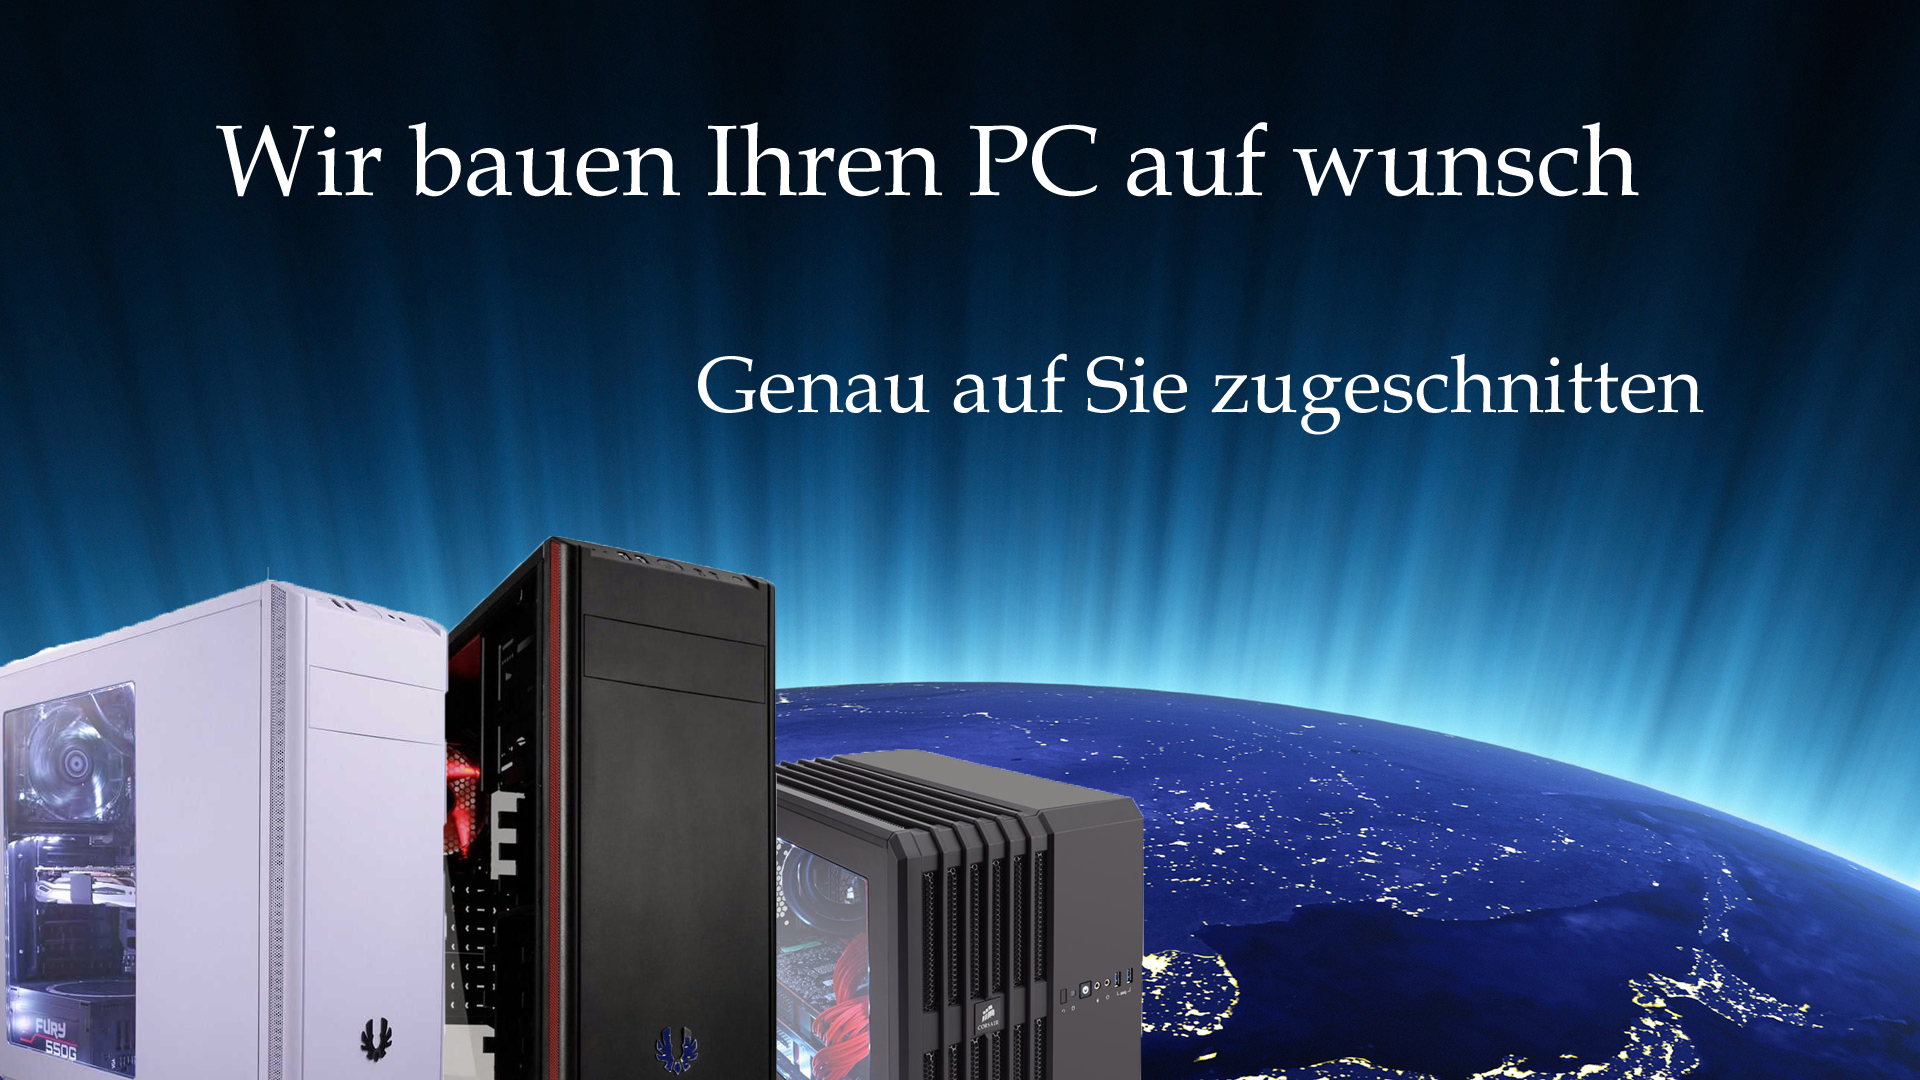 Wir bauen Ihren PC auf Wunsch